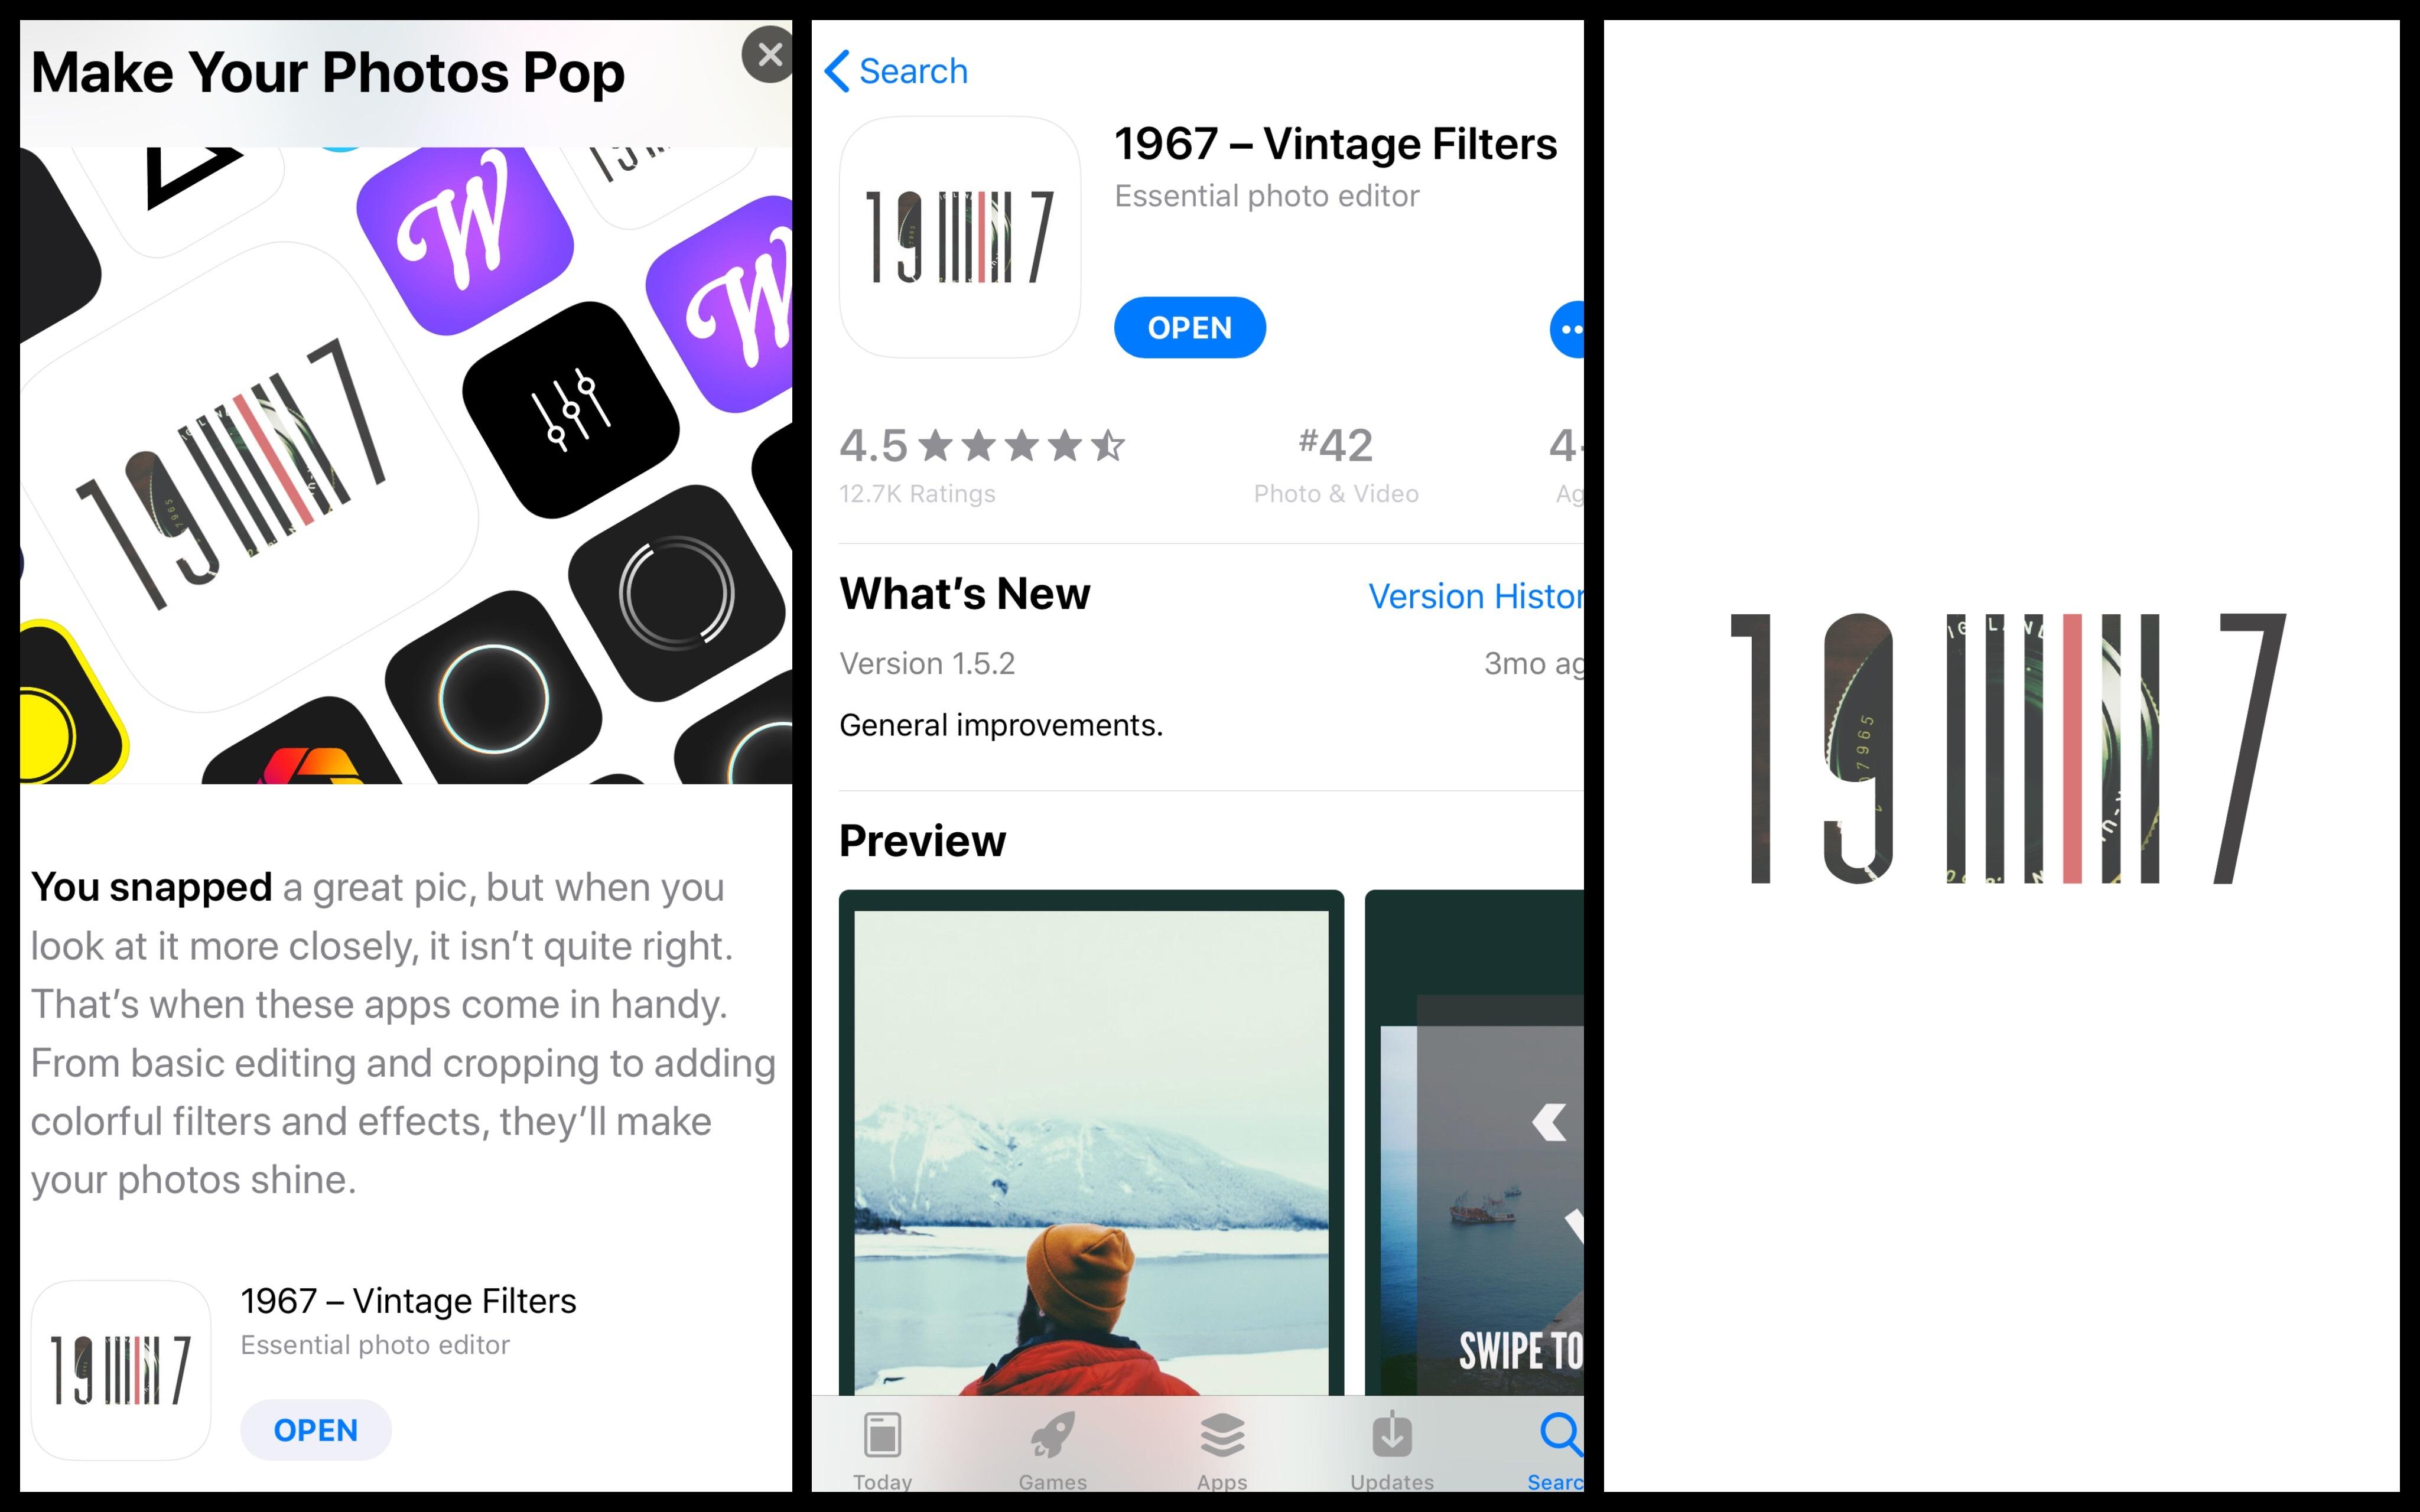 1967 - Vintage Filters là ứng dụng hoàn toàn miễn phí có trên nền tảng iOS